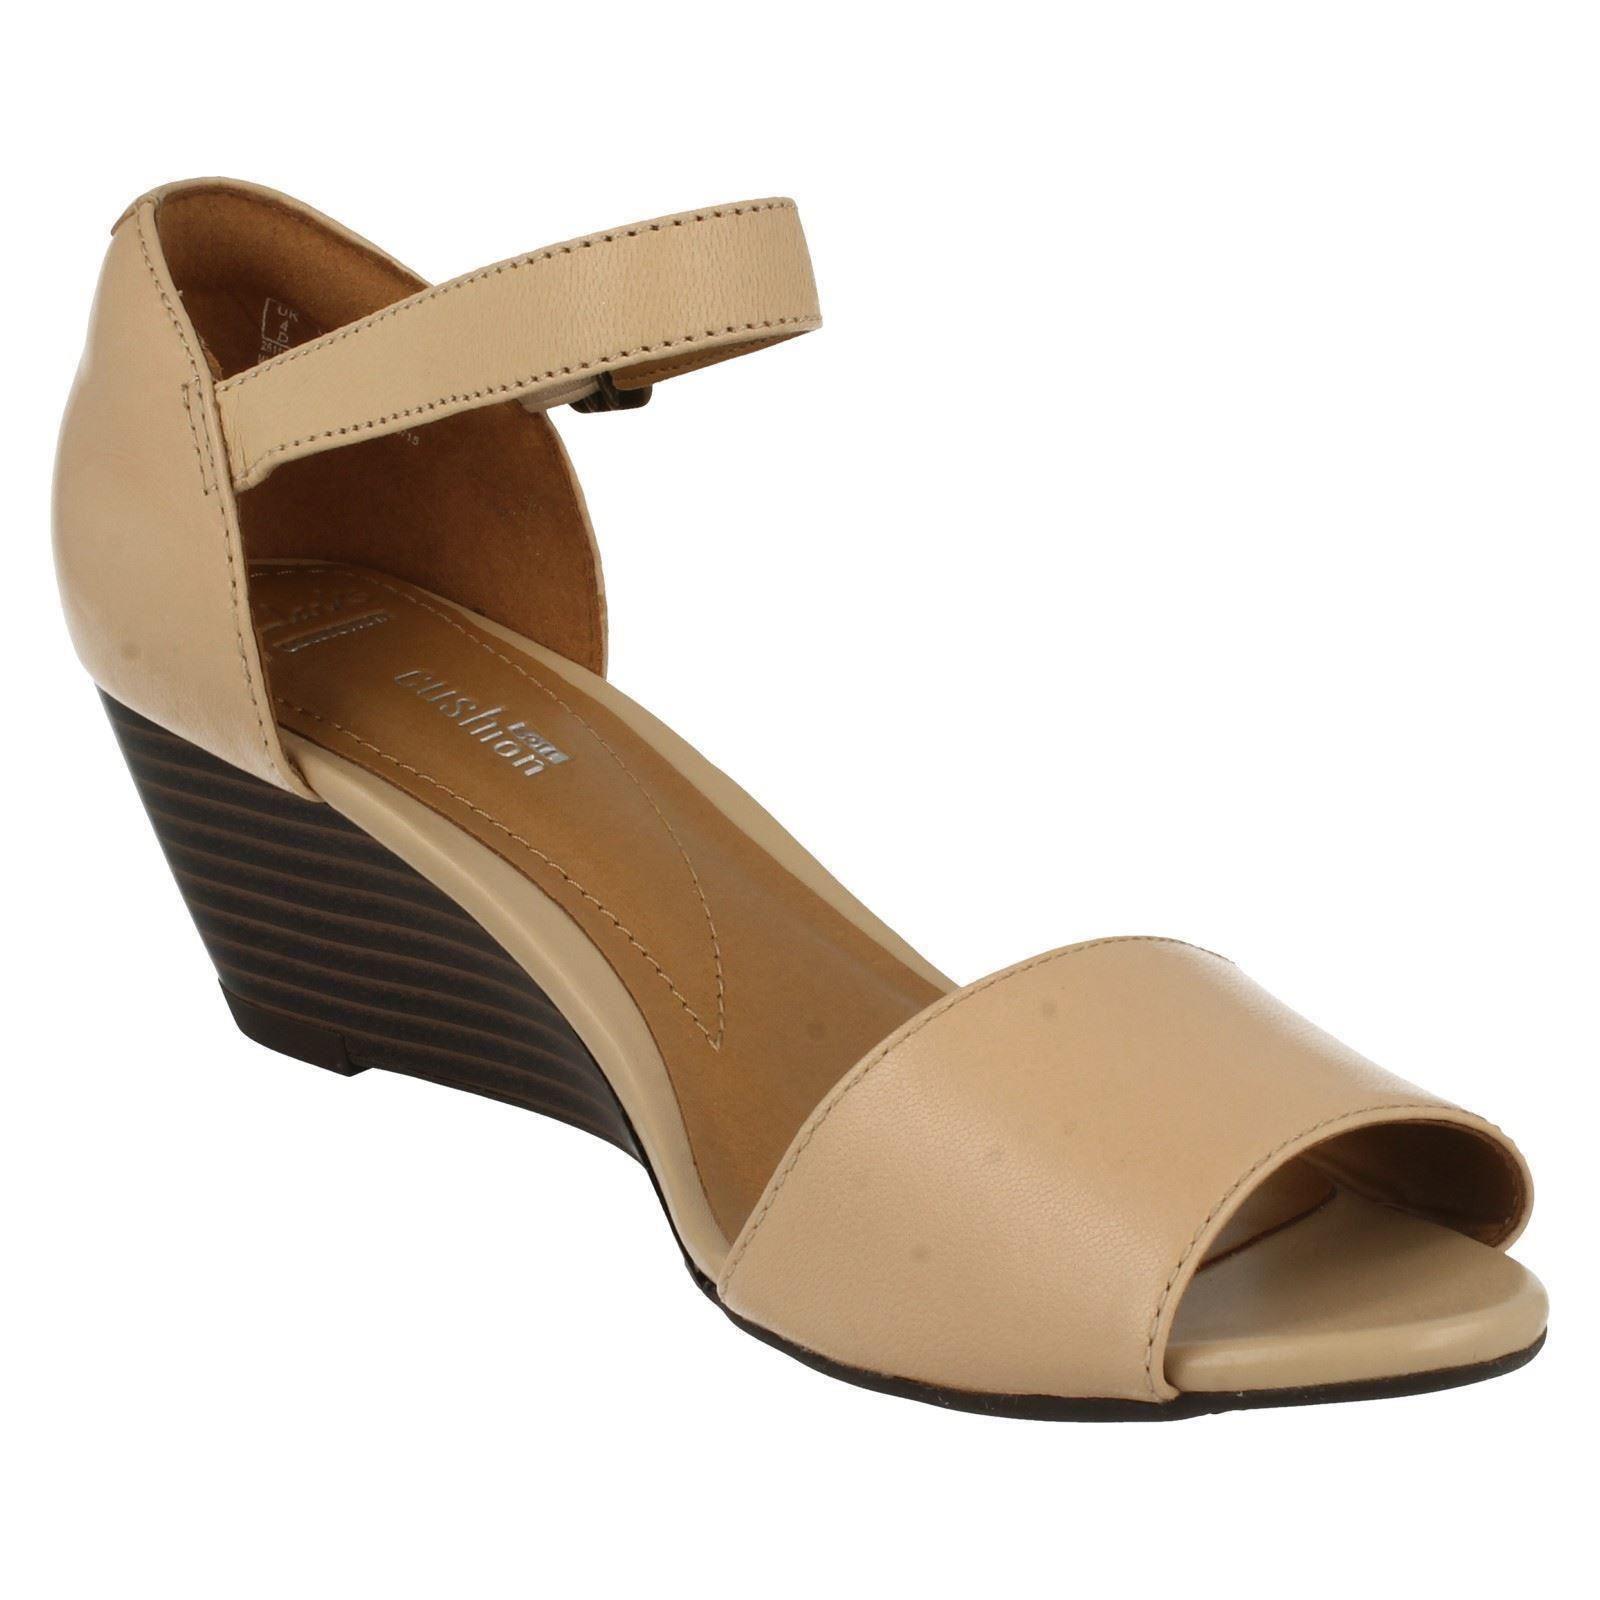 Messieurs / Dames Dames Dames Mesdames clarks coincée sandales style-Brielle drive bonne affaire Forte valeur Mode moderne 261ceb